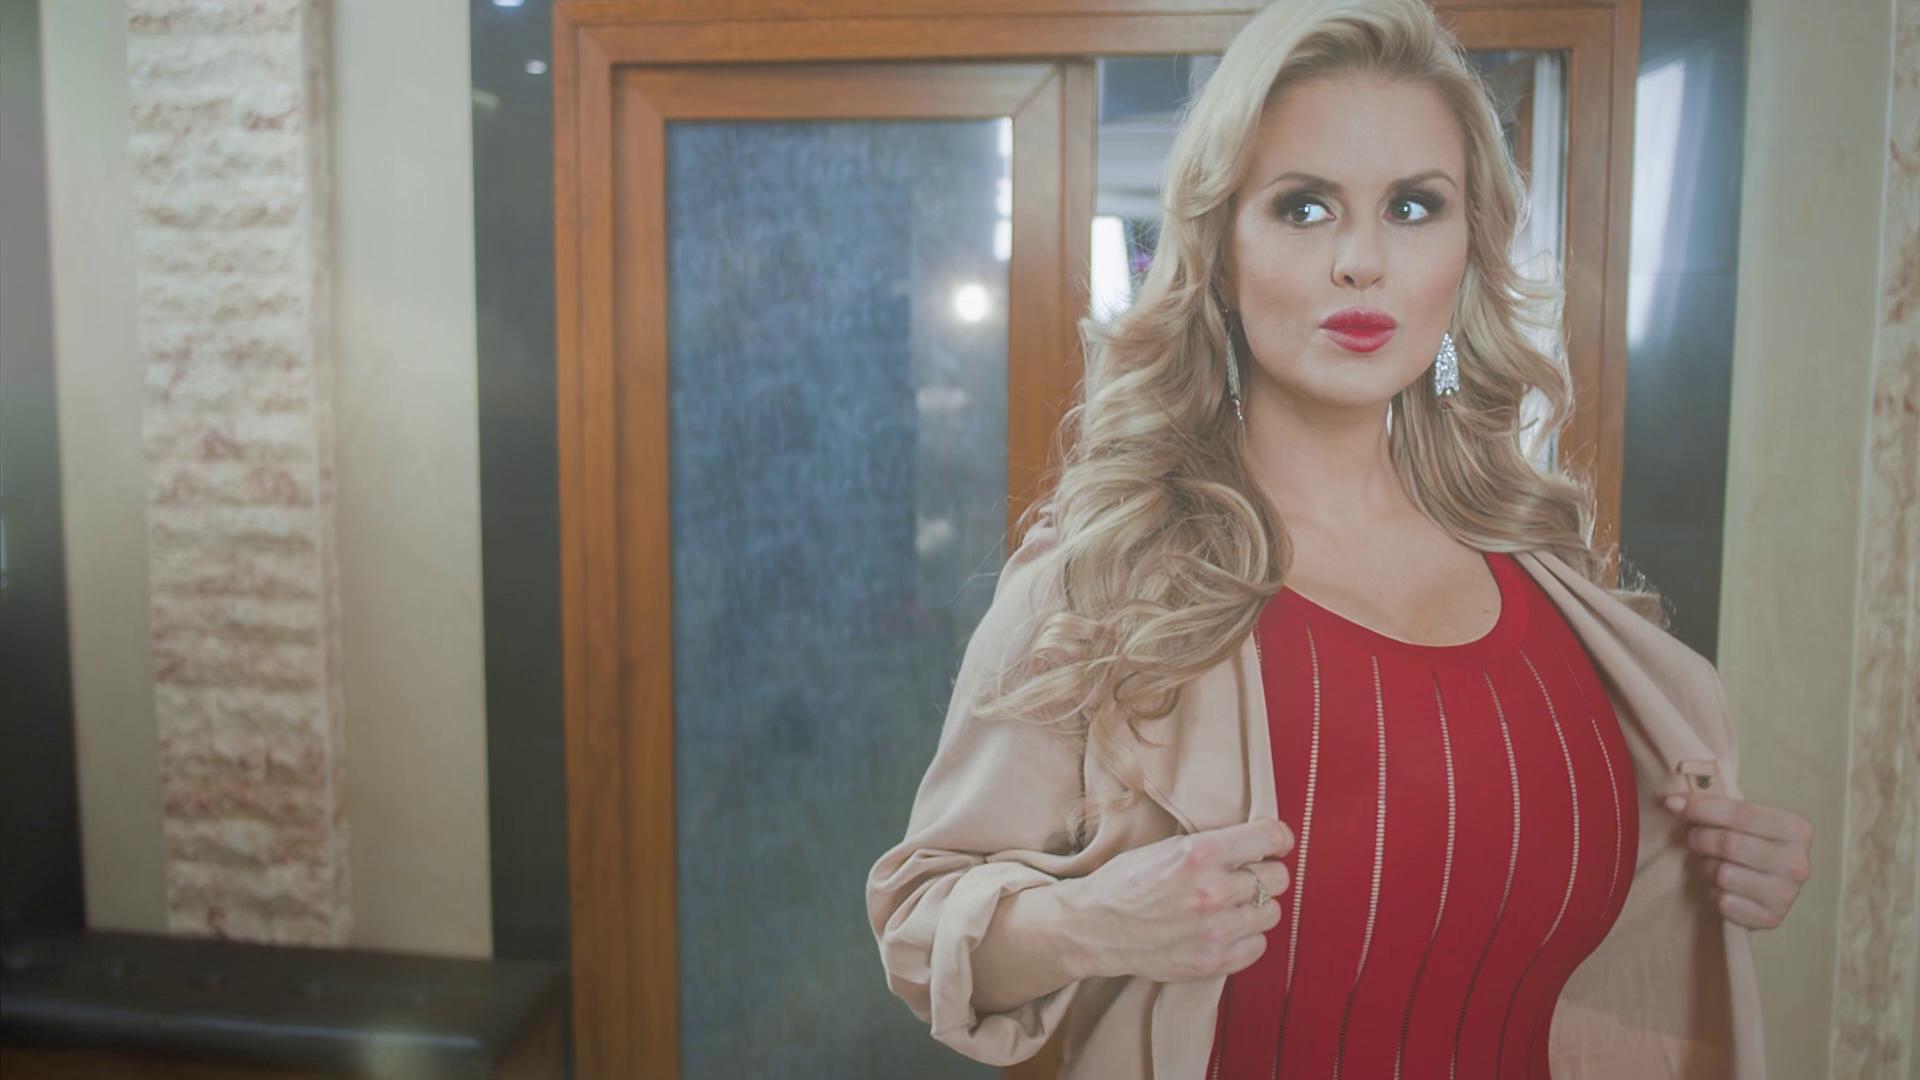 Семенович в экстазе, Анна Семенович (20 фото) 12 фотография